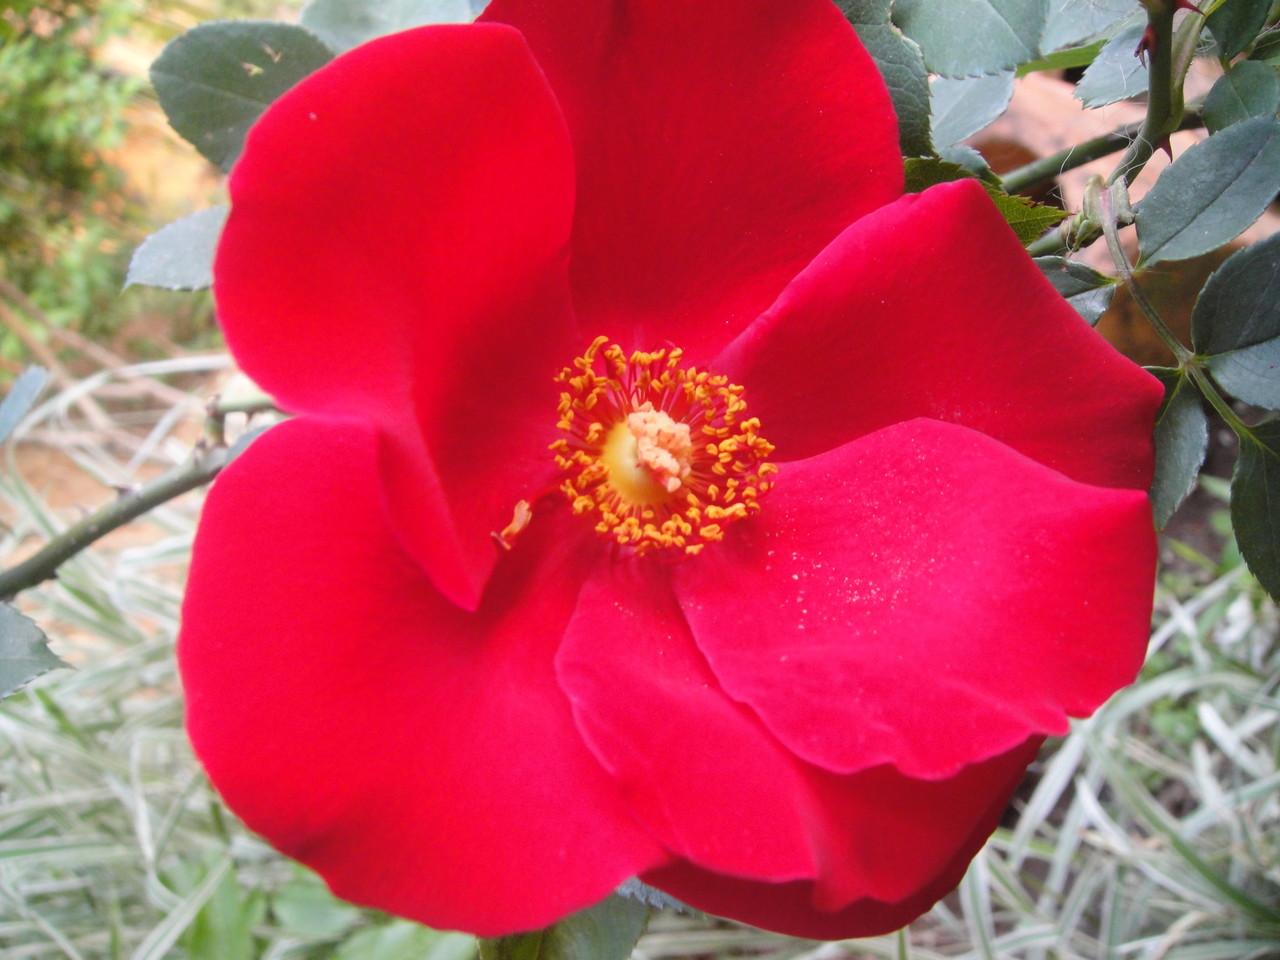 一重のビロードのような質感のこのバラ。真っ赤な色で庭の中でとてもよく目立ちますその名は、アルテシモ(Altissimo)